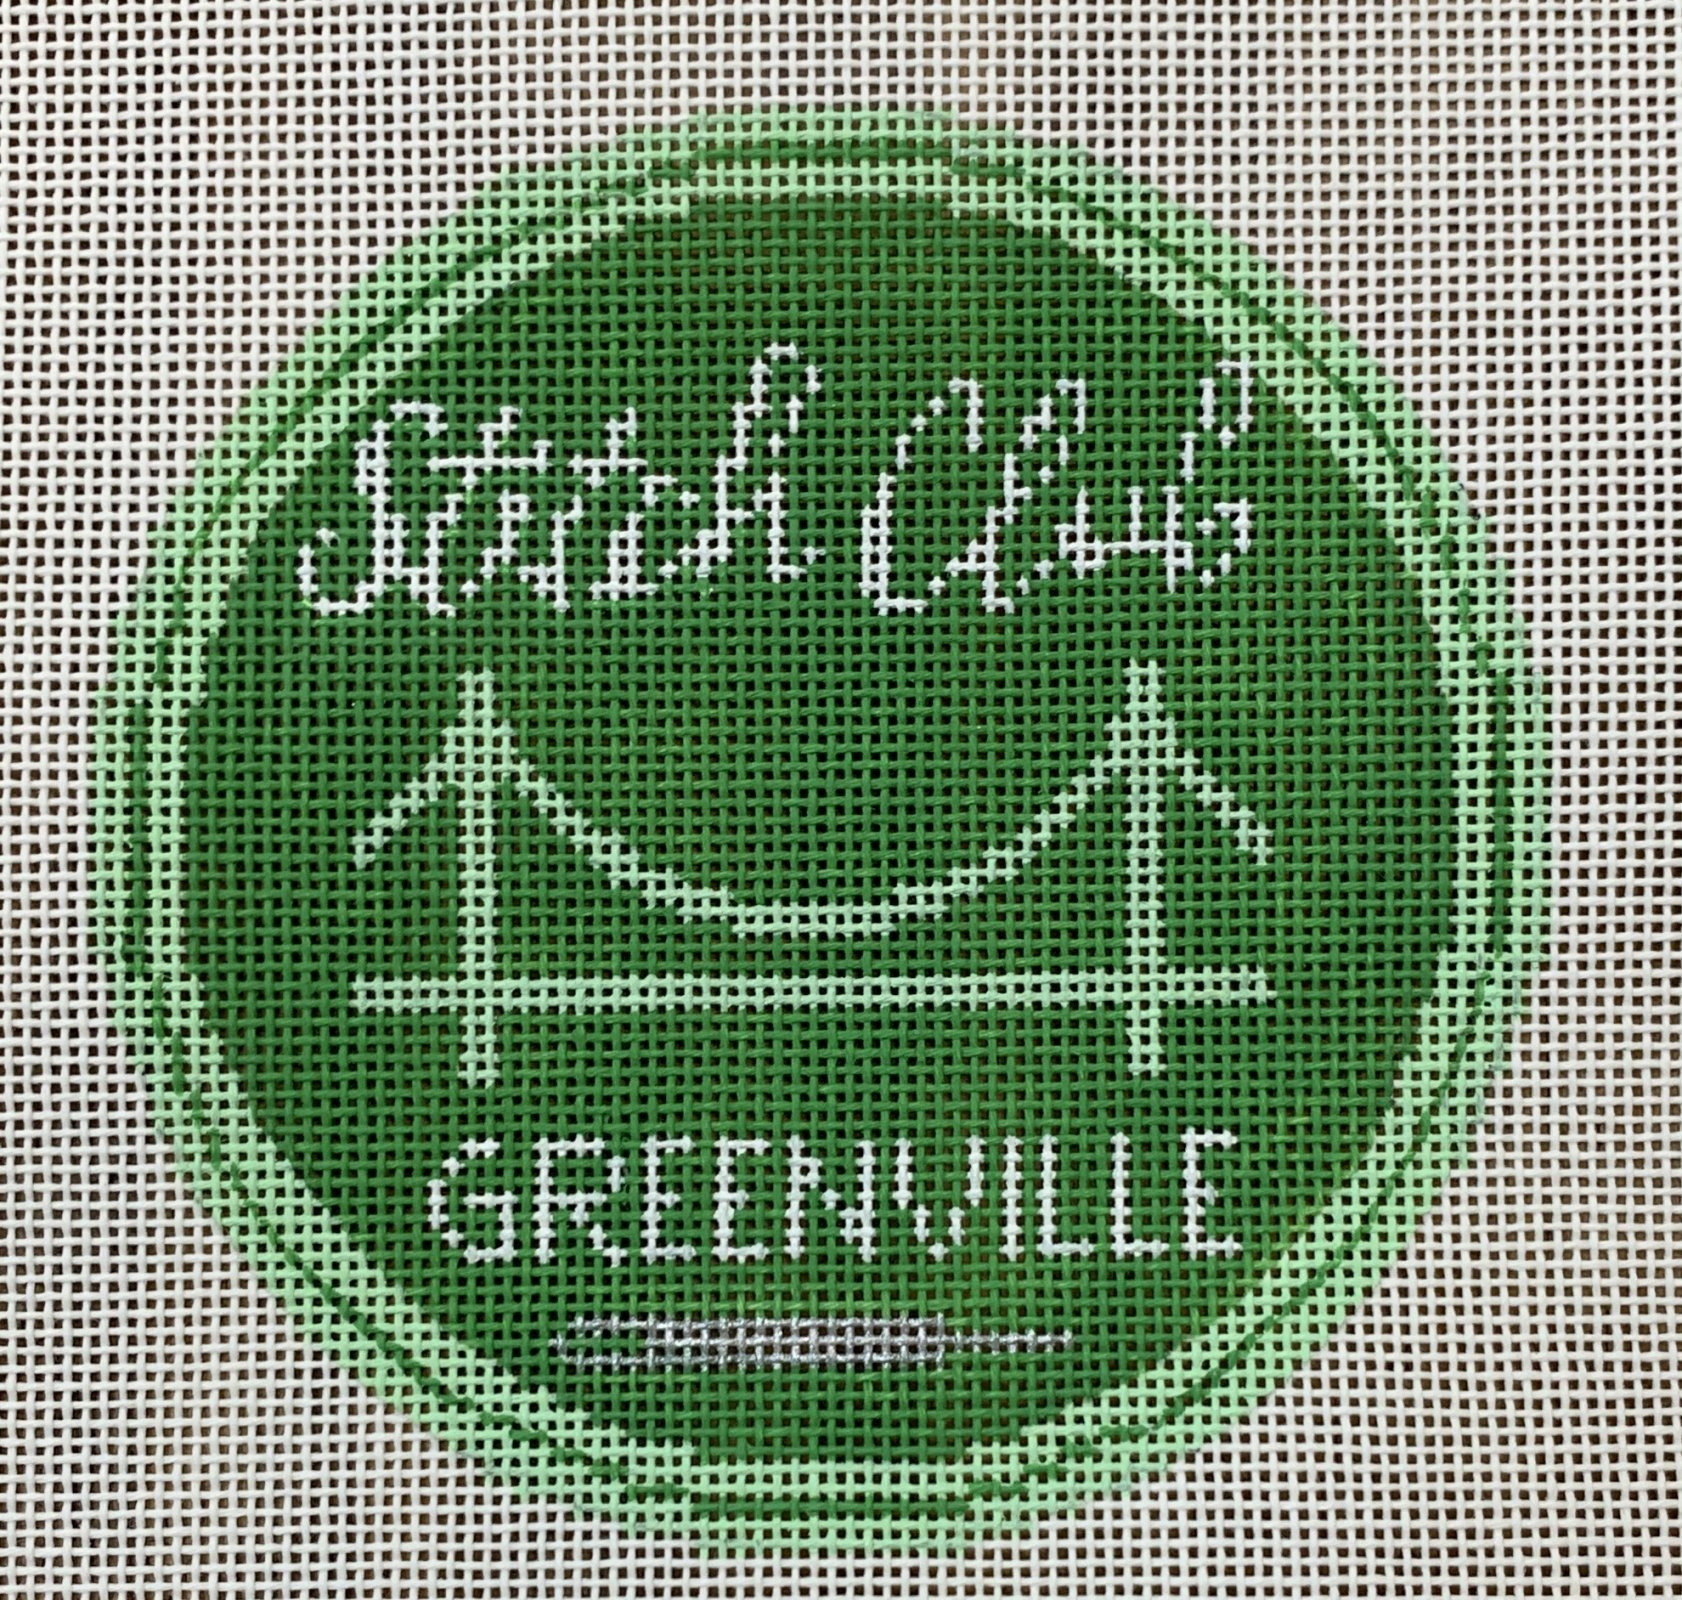 LL149 Stitch Club Greenville